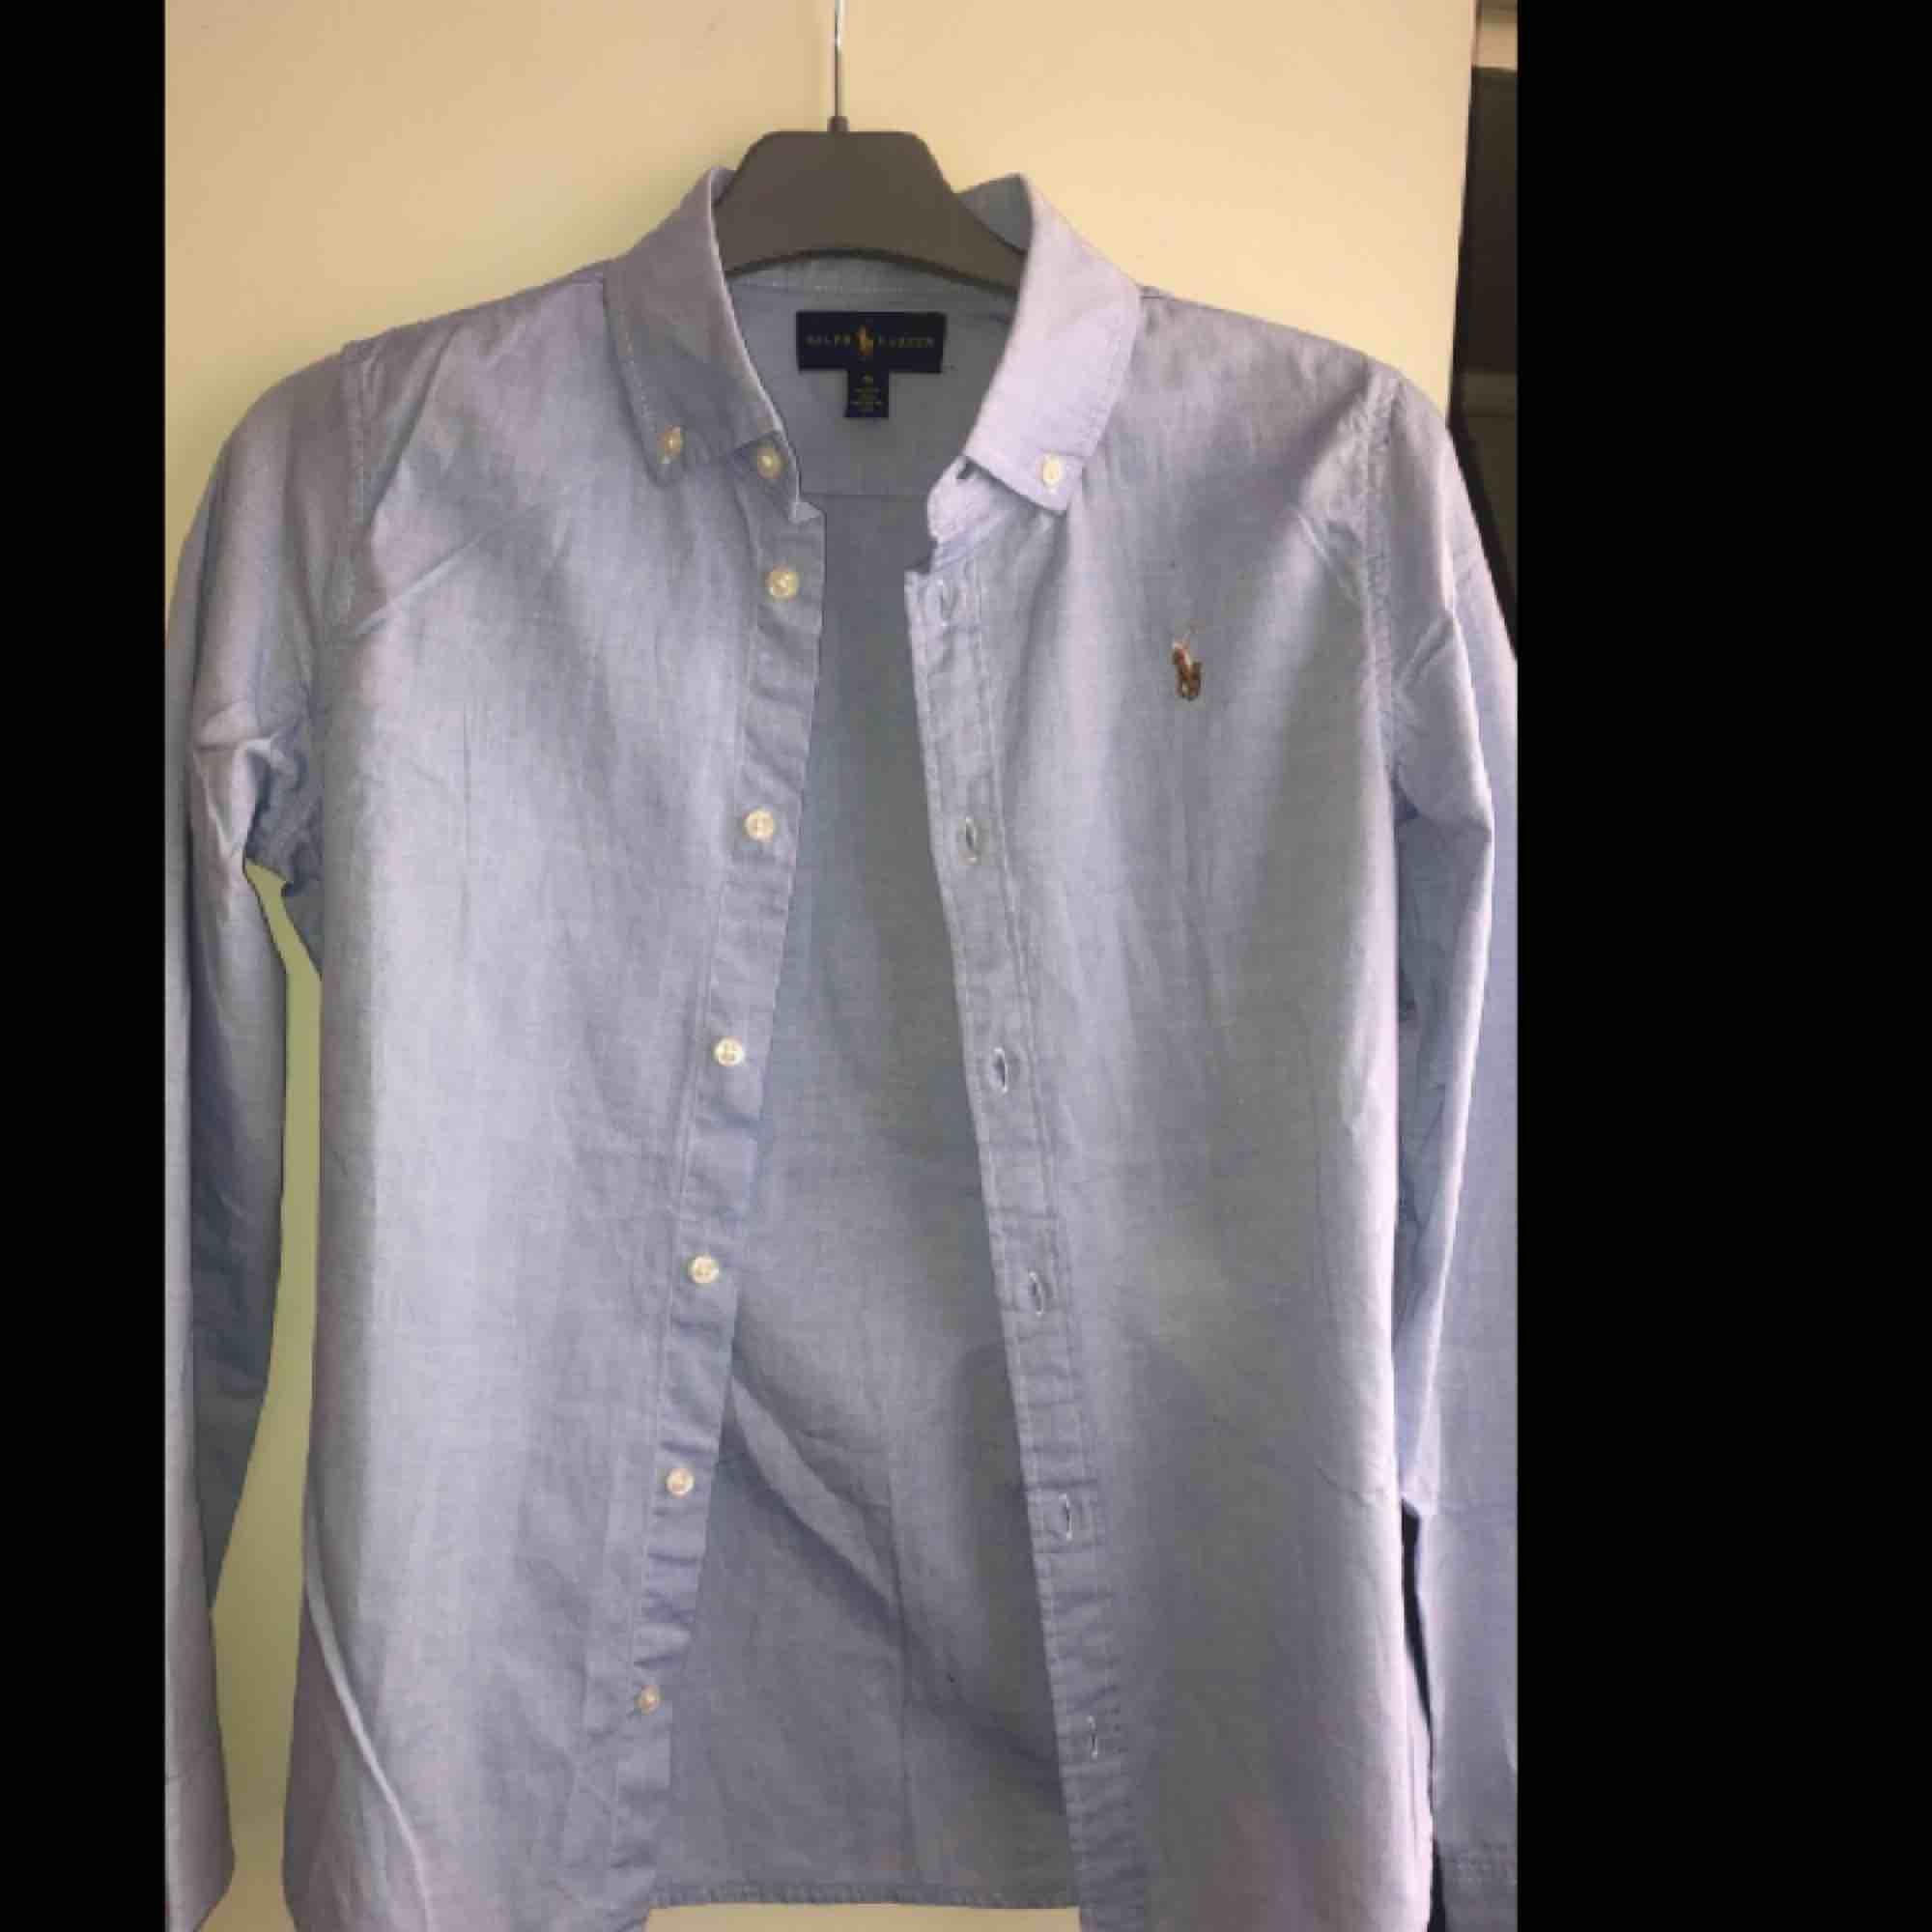 En ljusblå skjorta från Ralph lauren💙Oanvänd! pga fel storlek för mig:) pris kan diskuteras💙frakt står köparen för:) kram❤️ . Skjortor.